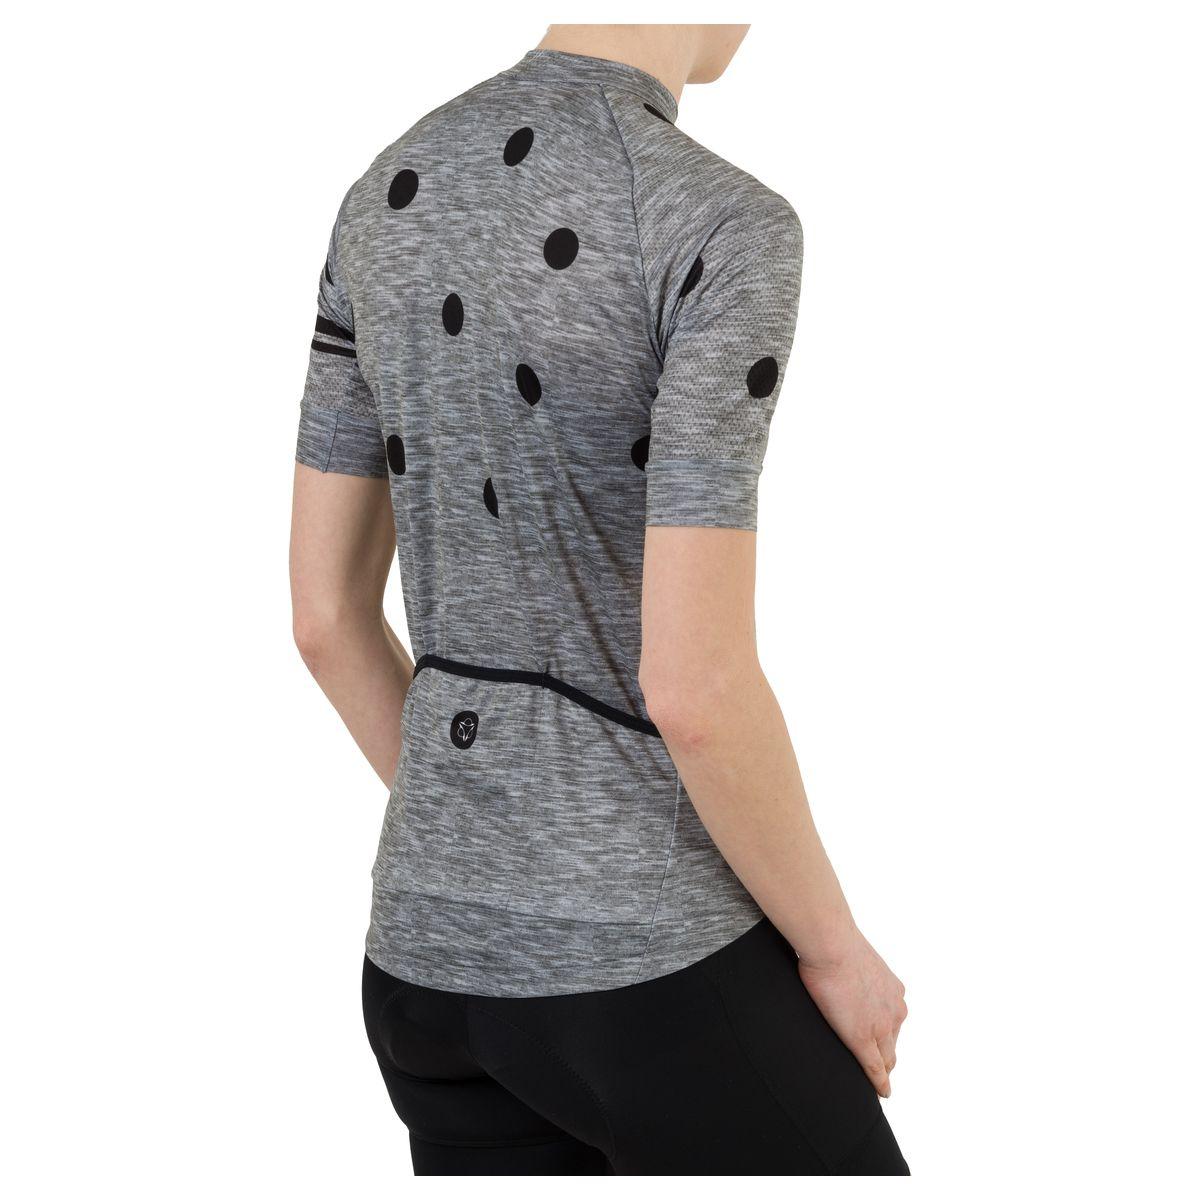 Dot Fietsshirt Essential Dames fit example